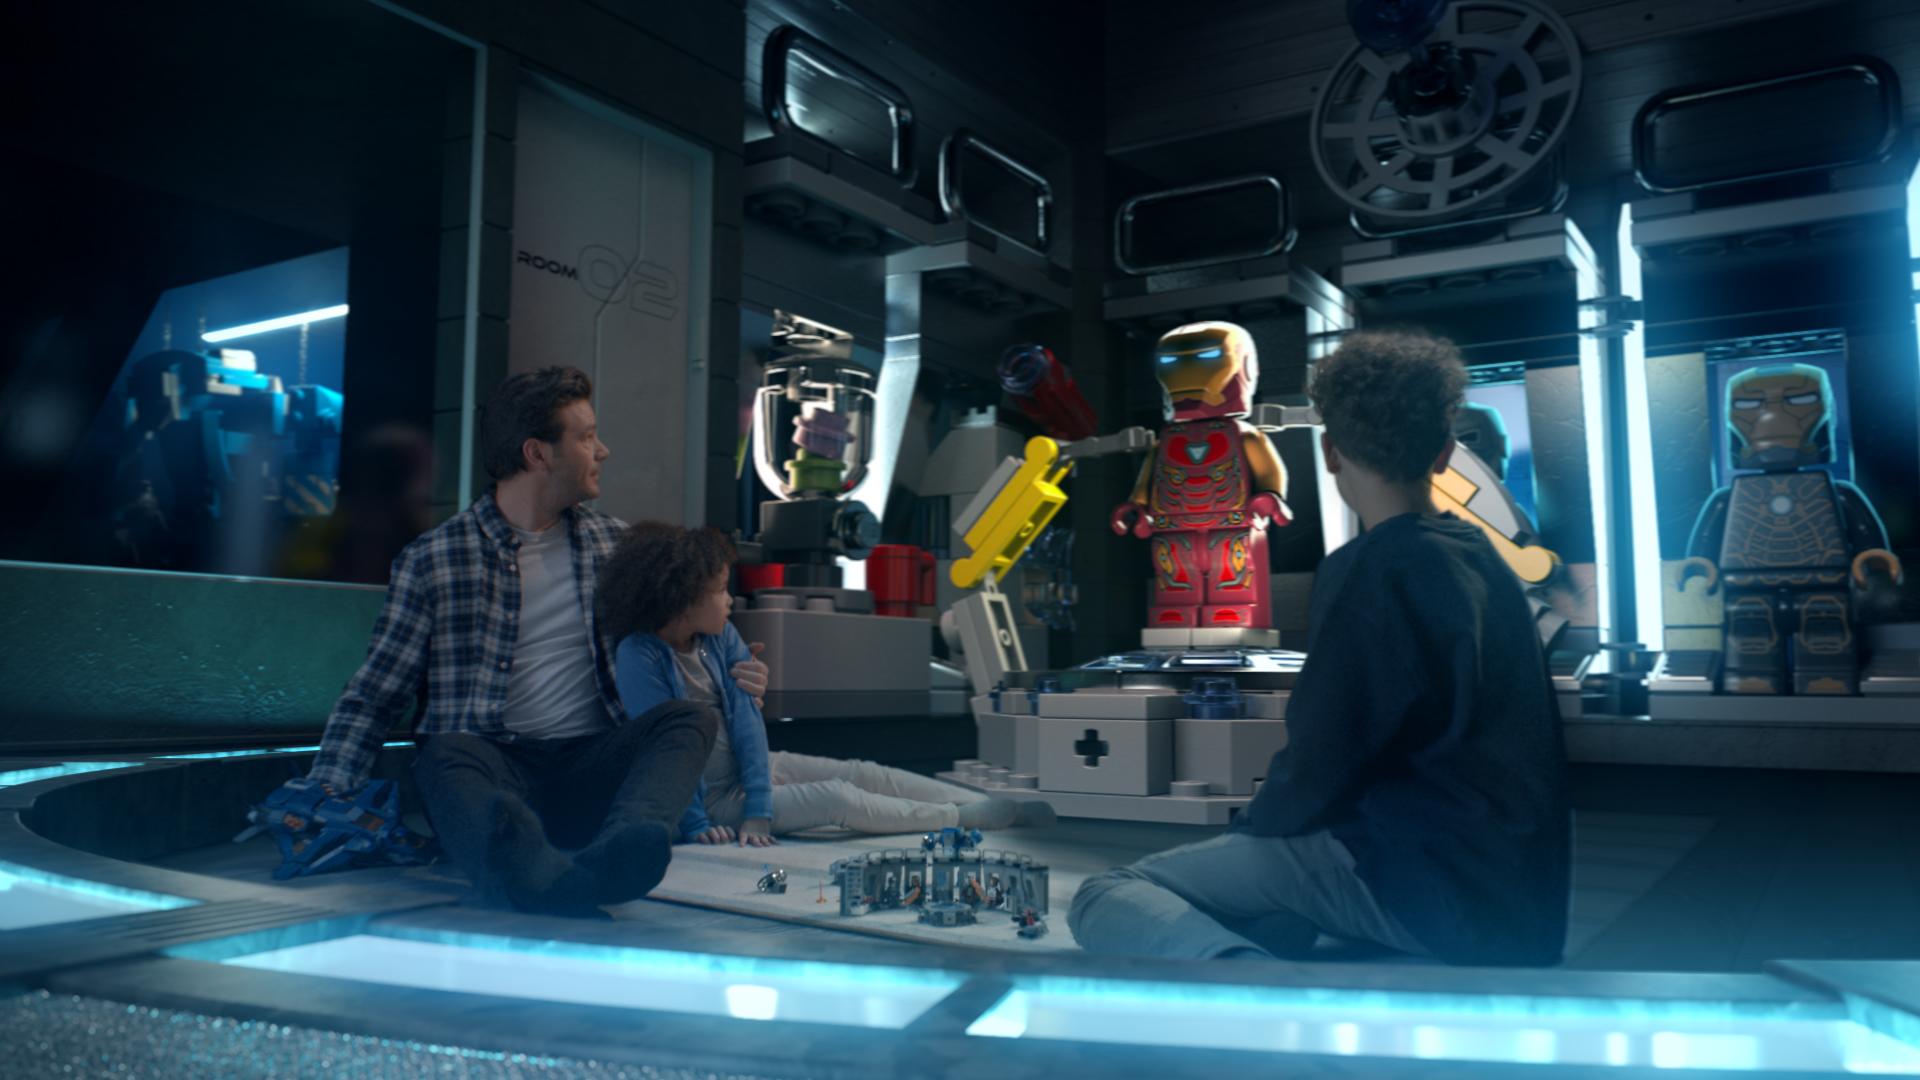 LEGO_SH_Avengers_Cinema_TVC_16_9_1HY19_IN_IT_30s_58107.mov.00_00_23_23.Still006